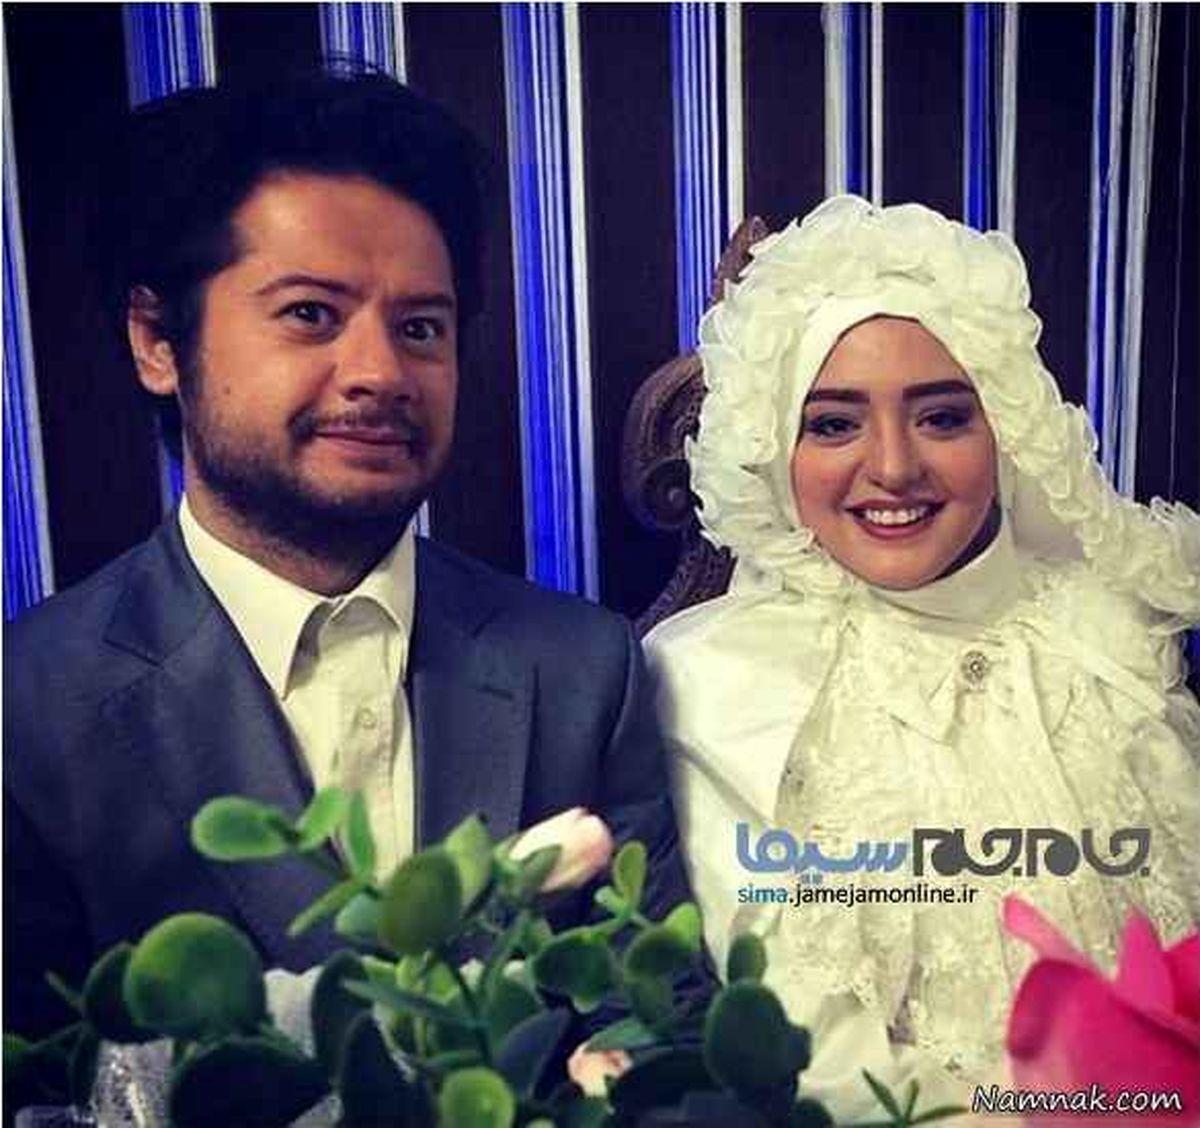 علی صادقی شوهر اول نرگس محمدی ! + عکس